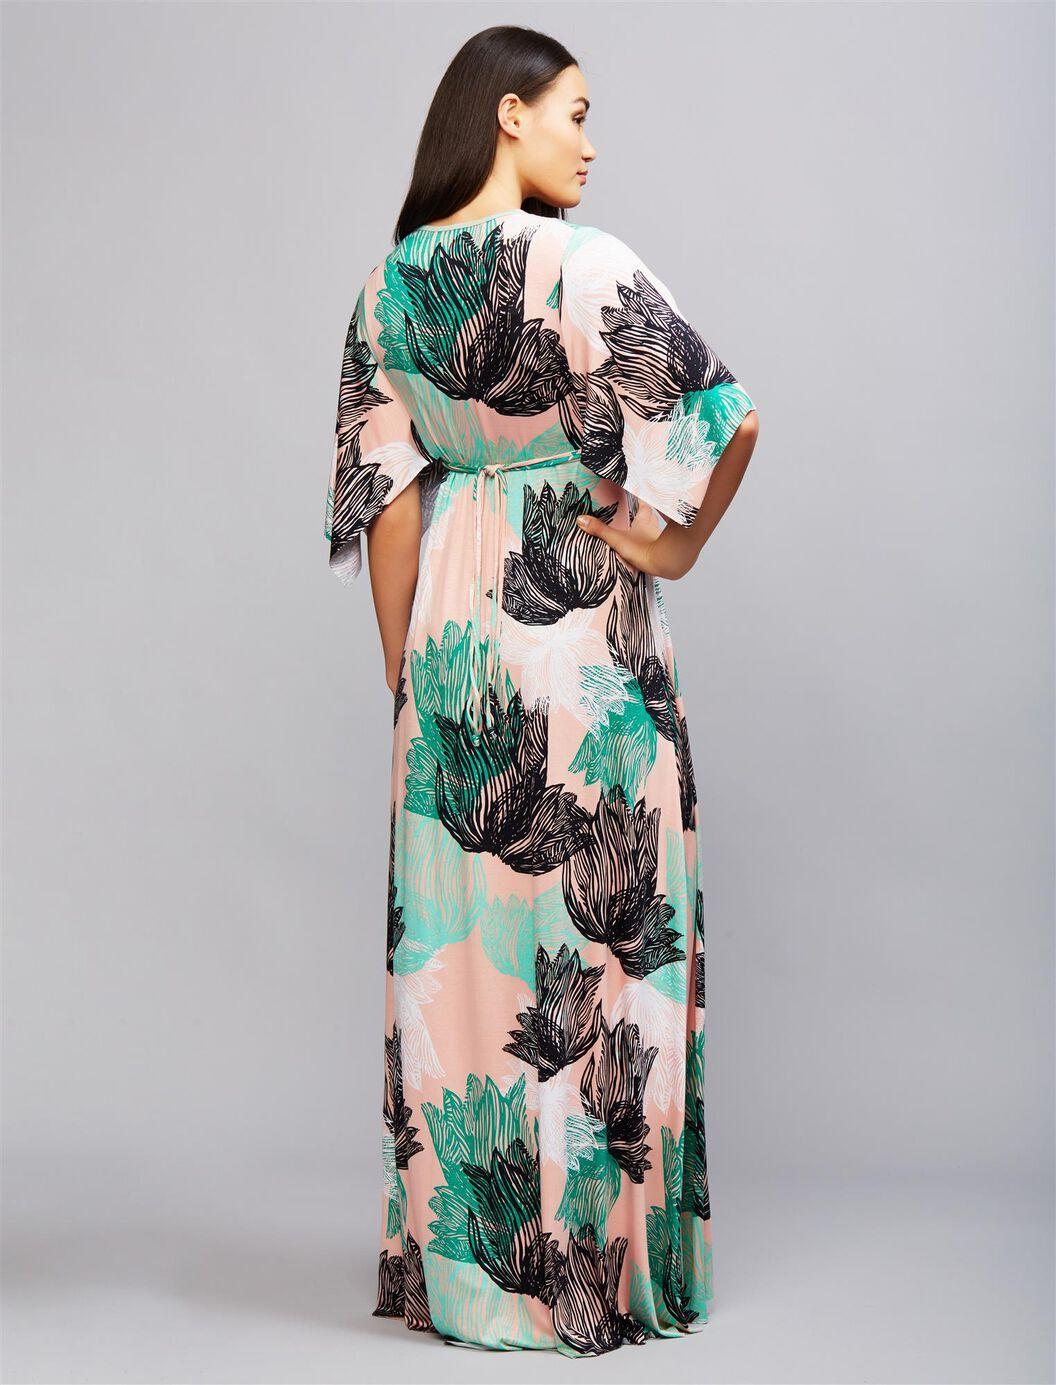 Rachel pally caftan maternity maxi dress agave print a pea in rachel pally caftan maternity maxi dress agave print agave print ombrellifo Images